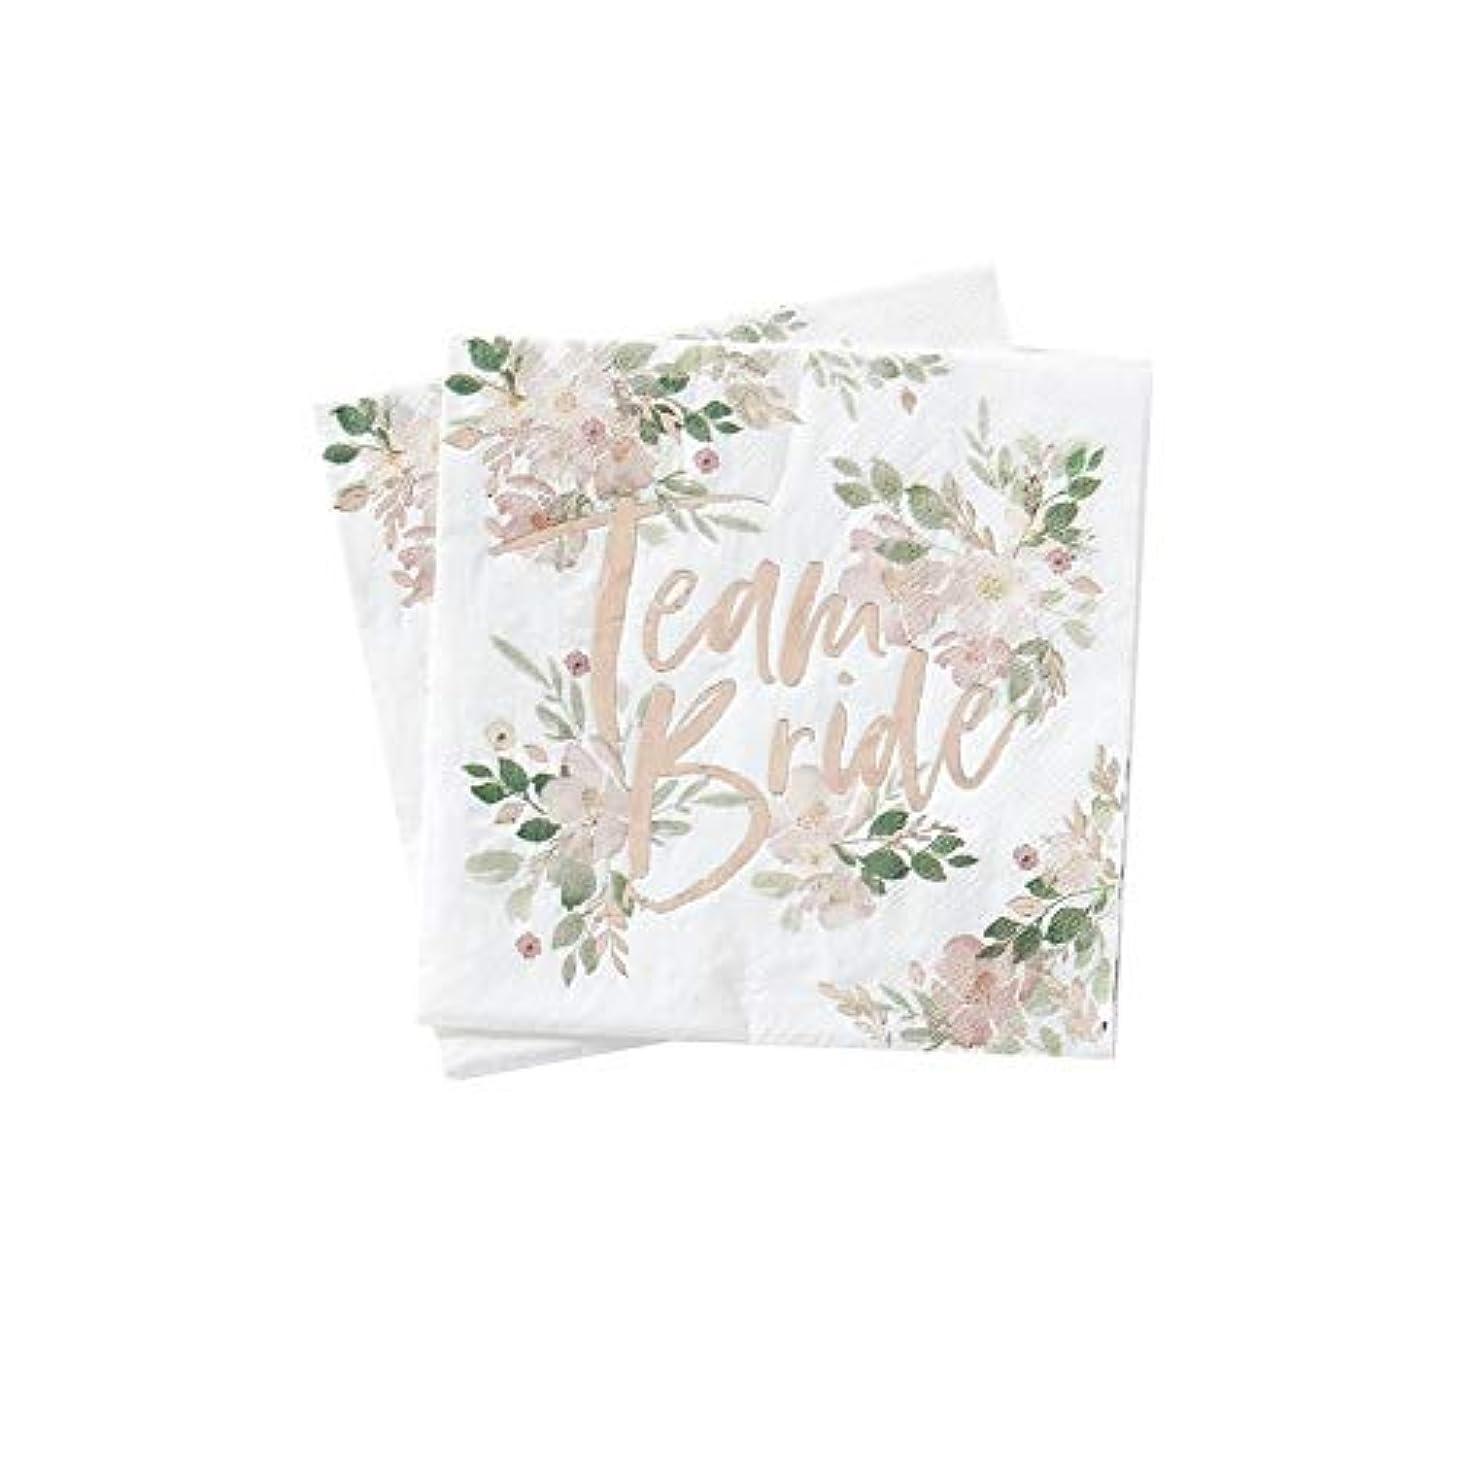 Bridal Shower Batchelorette Party Napkins Paper Napkins Disposable Napkins 6